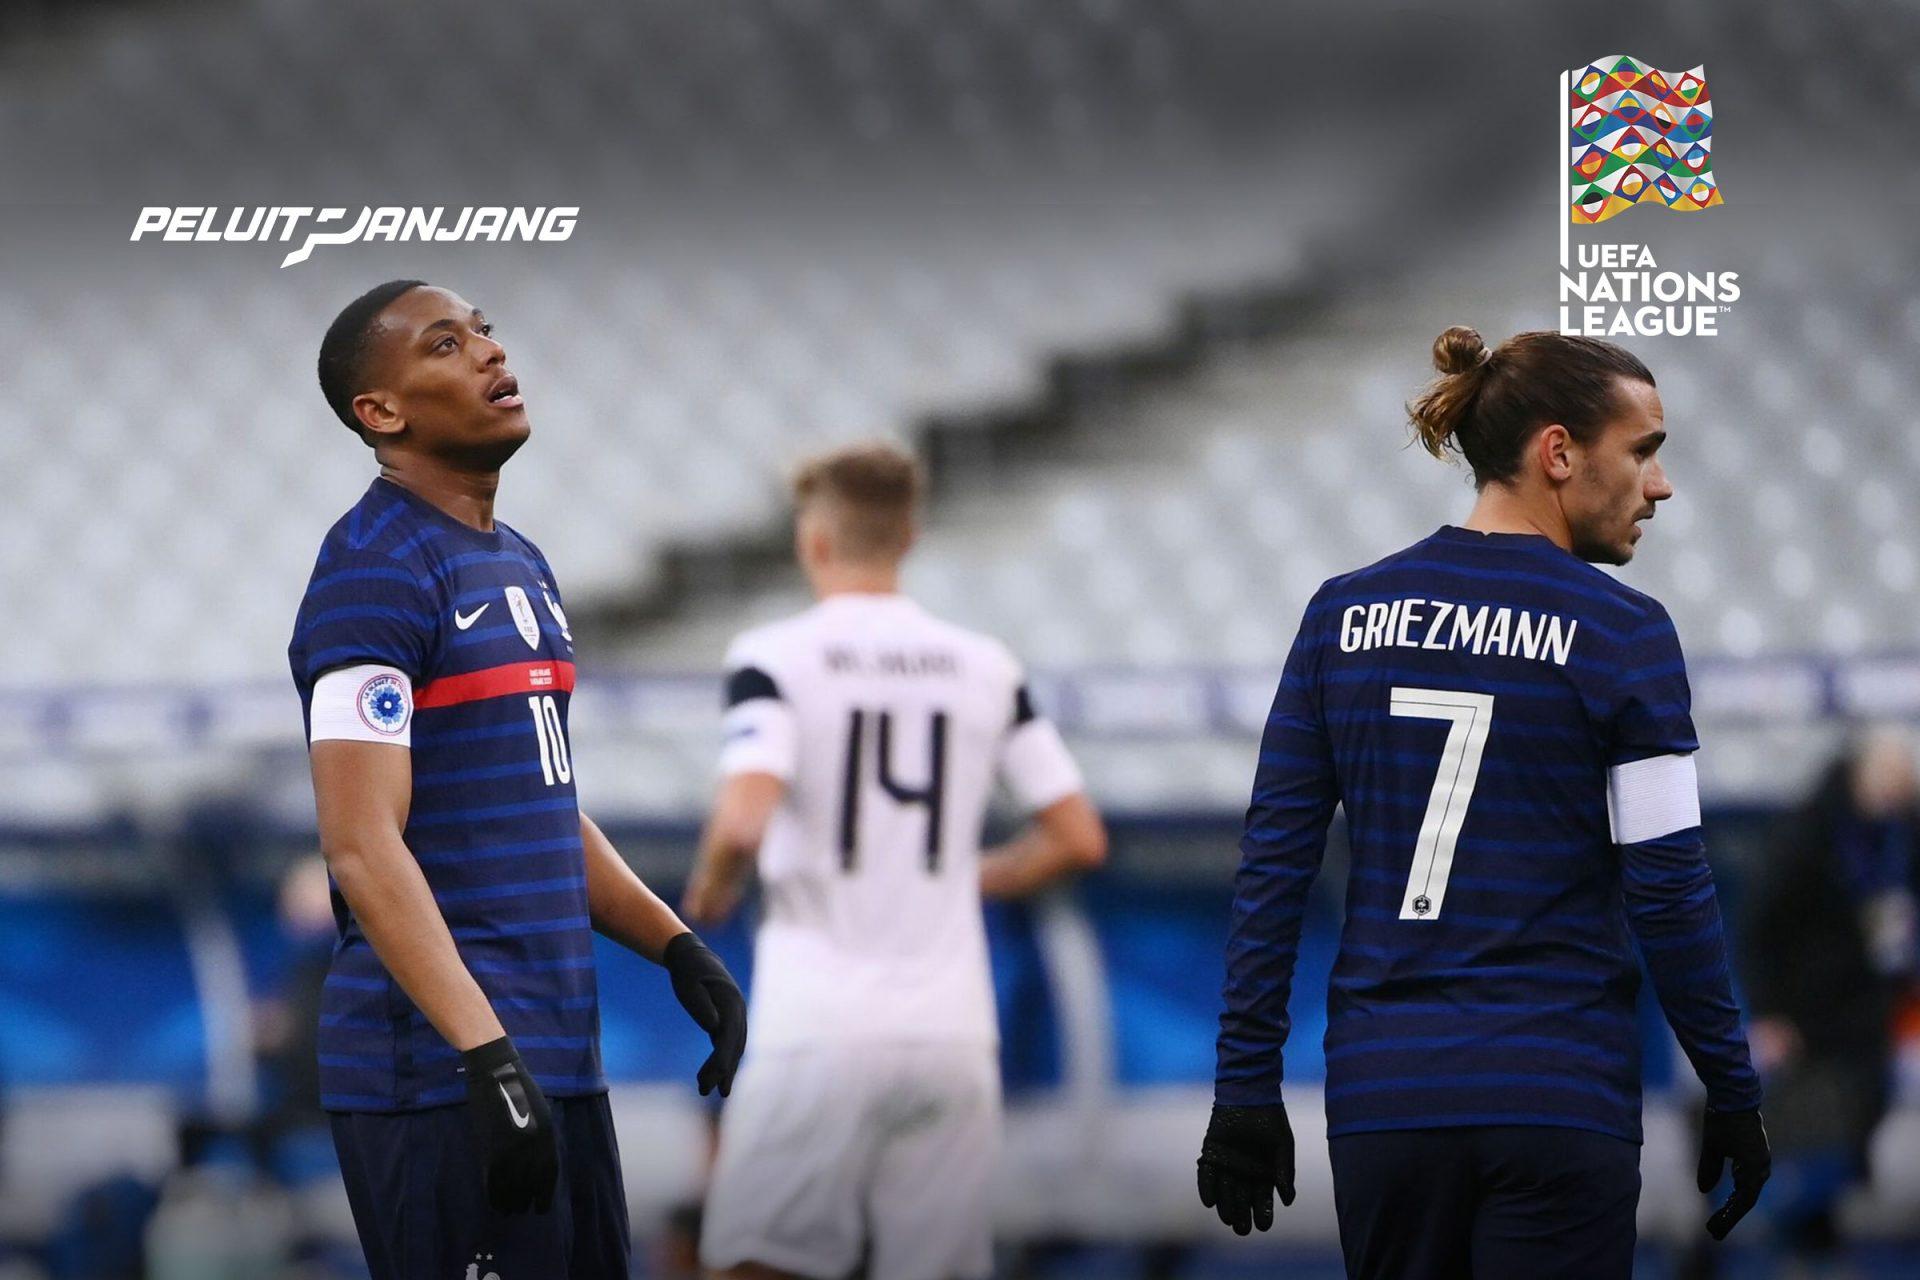 Martial dan Griezmann pemain timnas Perancis